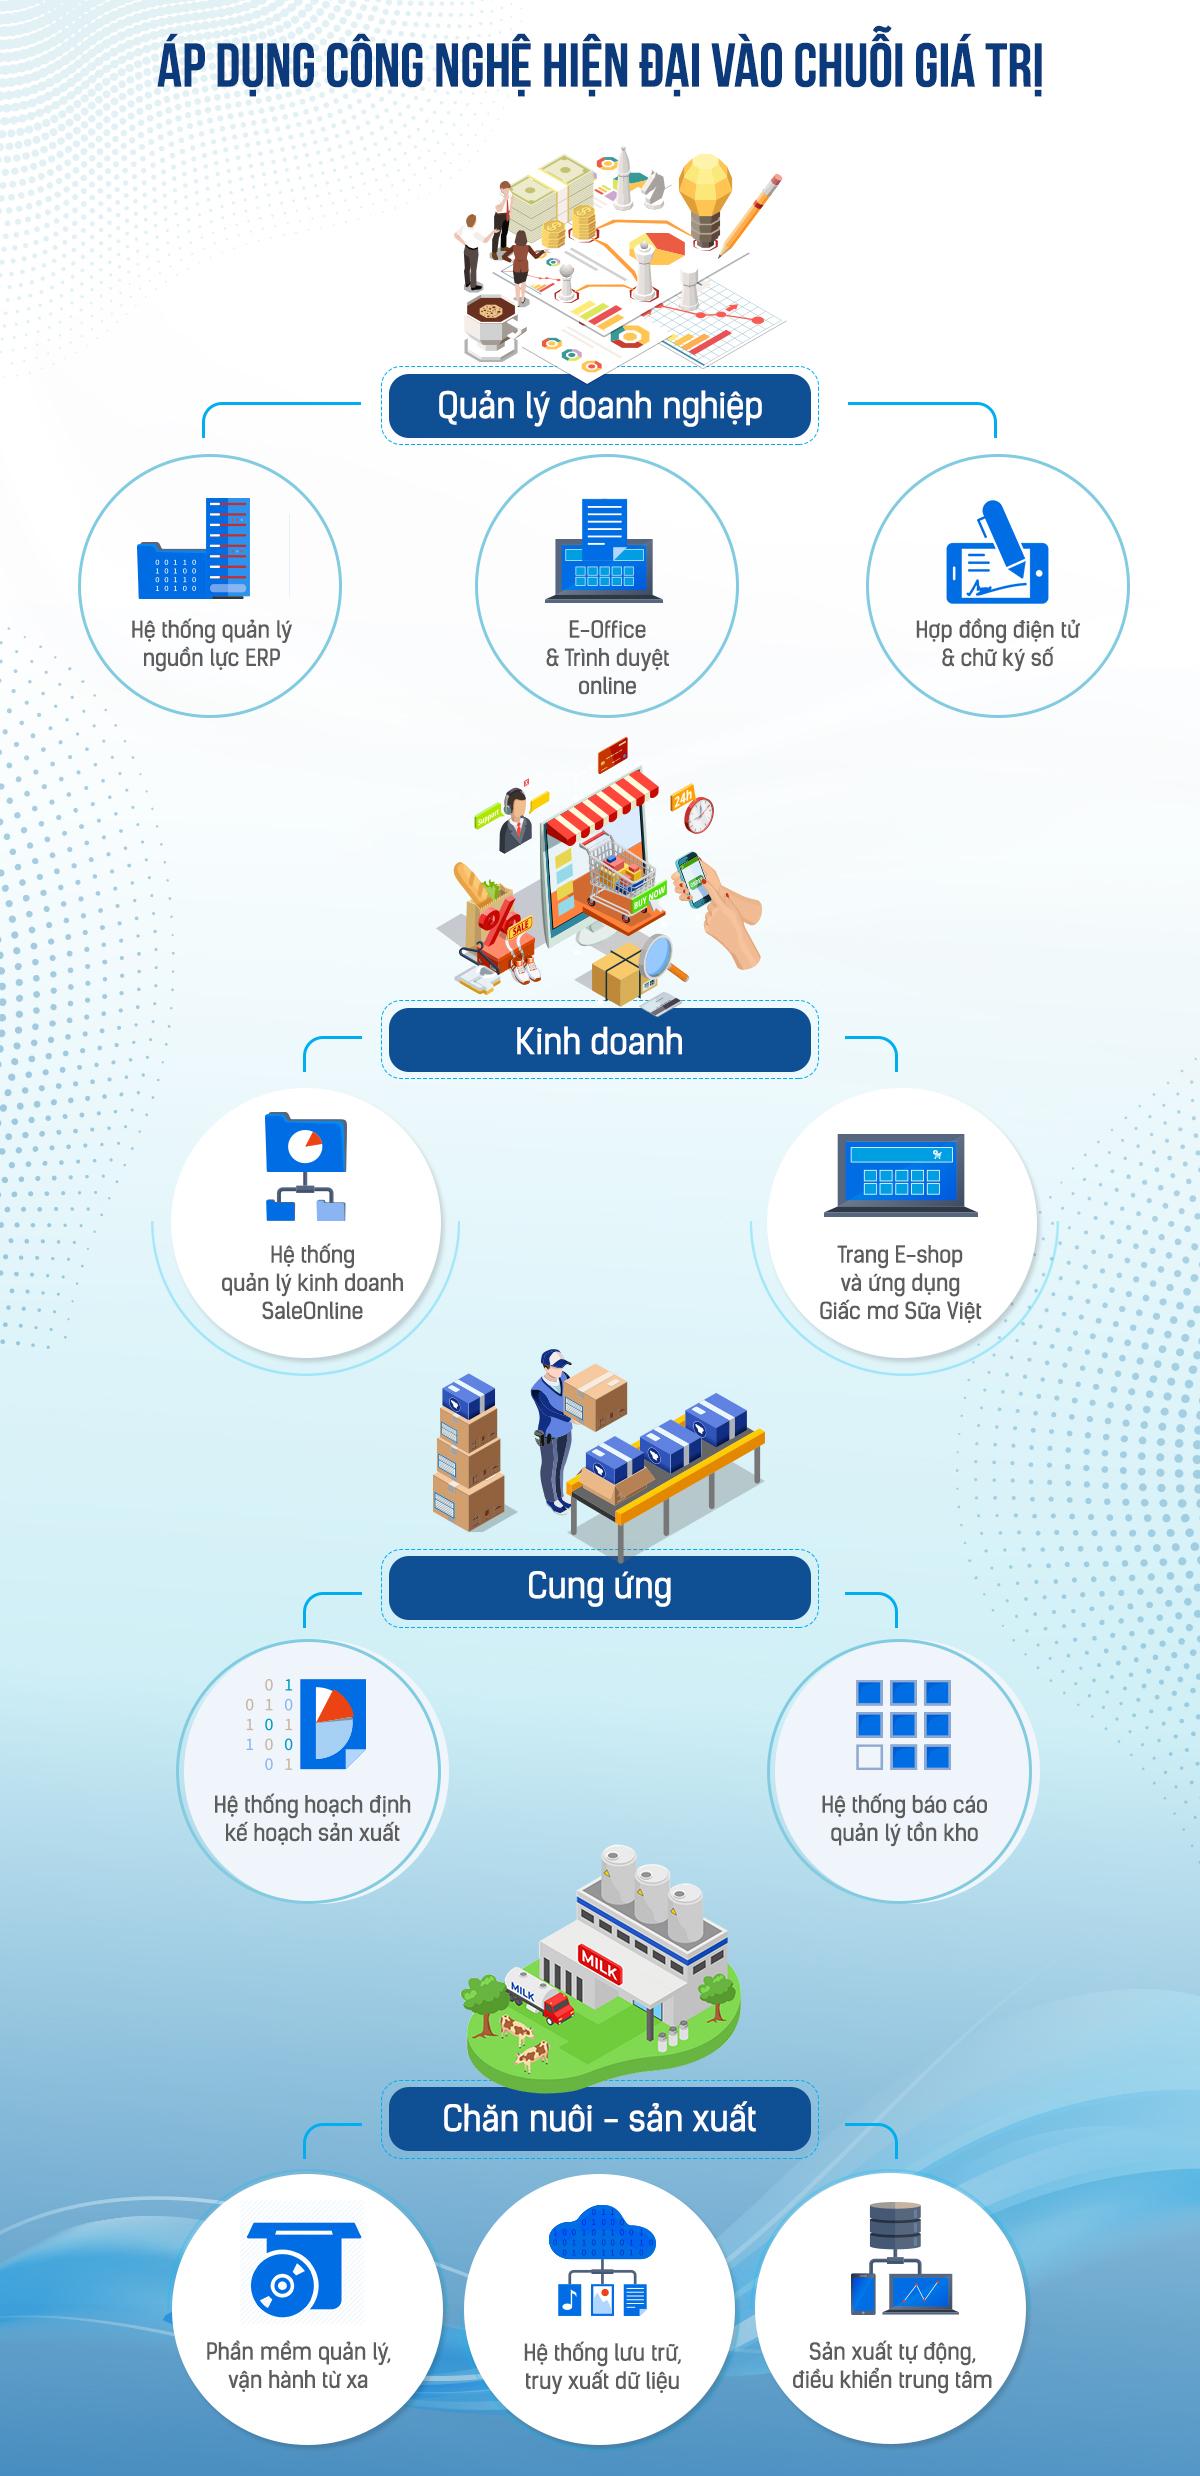 Vinamilk ứng dụng công nghệ trong nhiều khía cạnh của hoạt động và quản trị. Đồ họa: Đức Trần